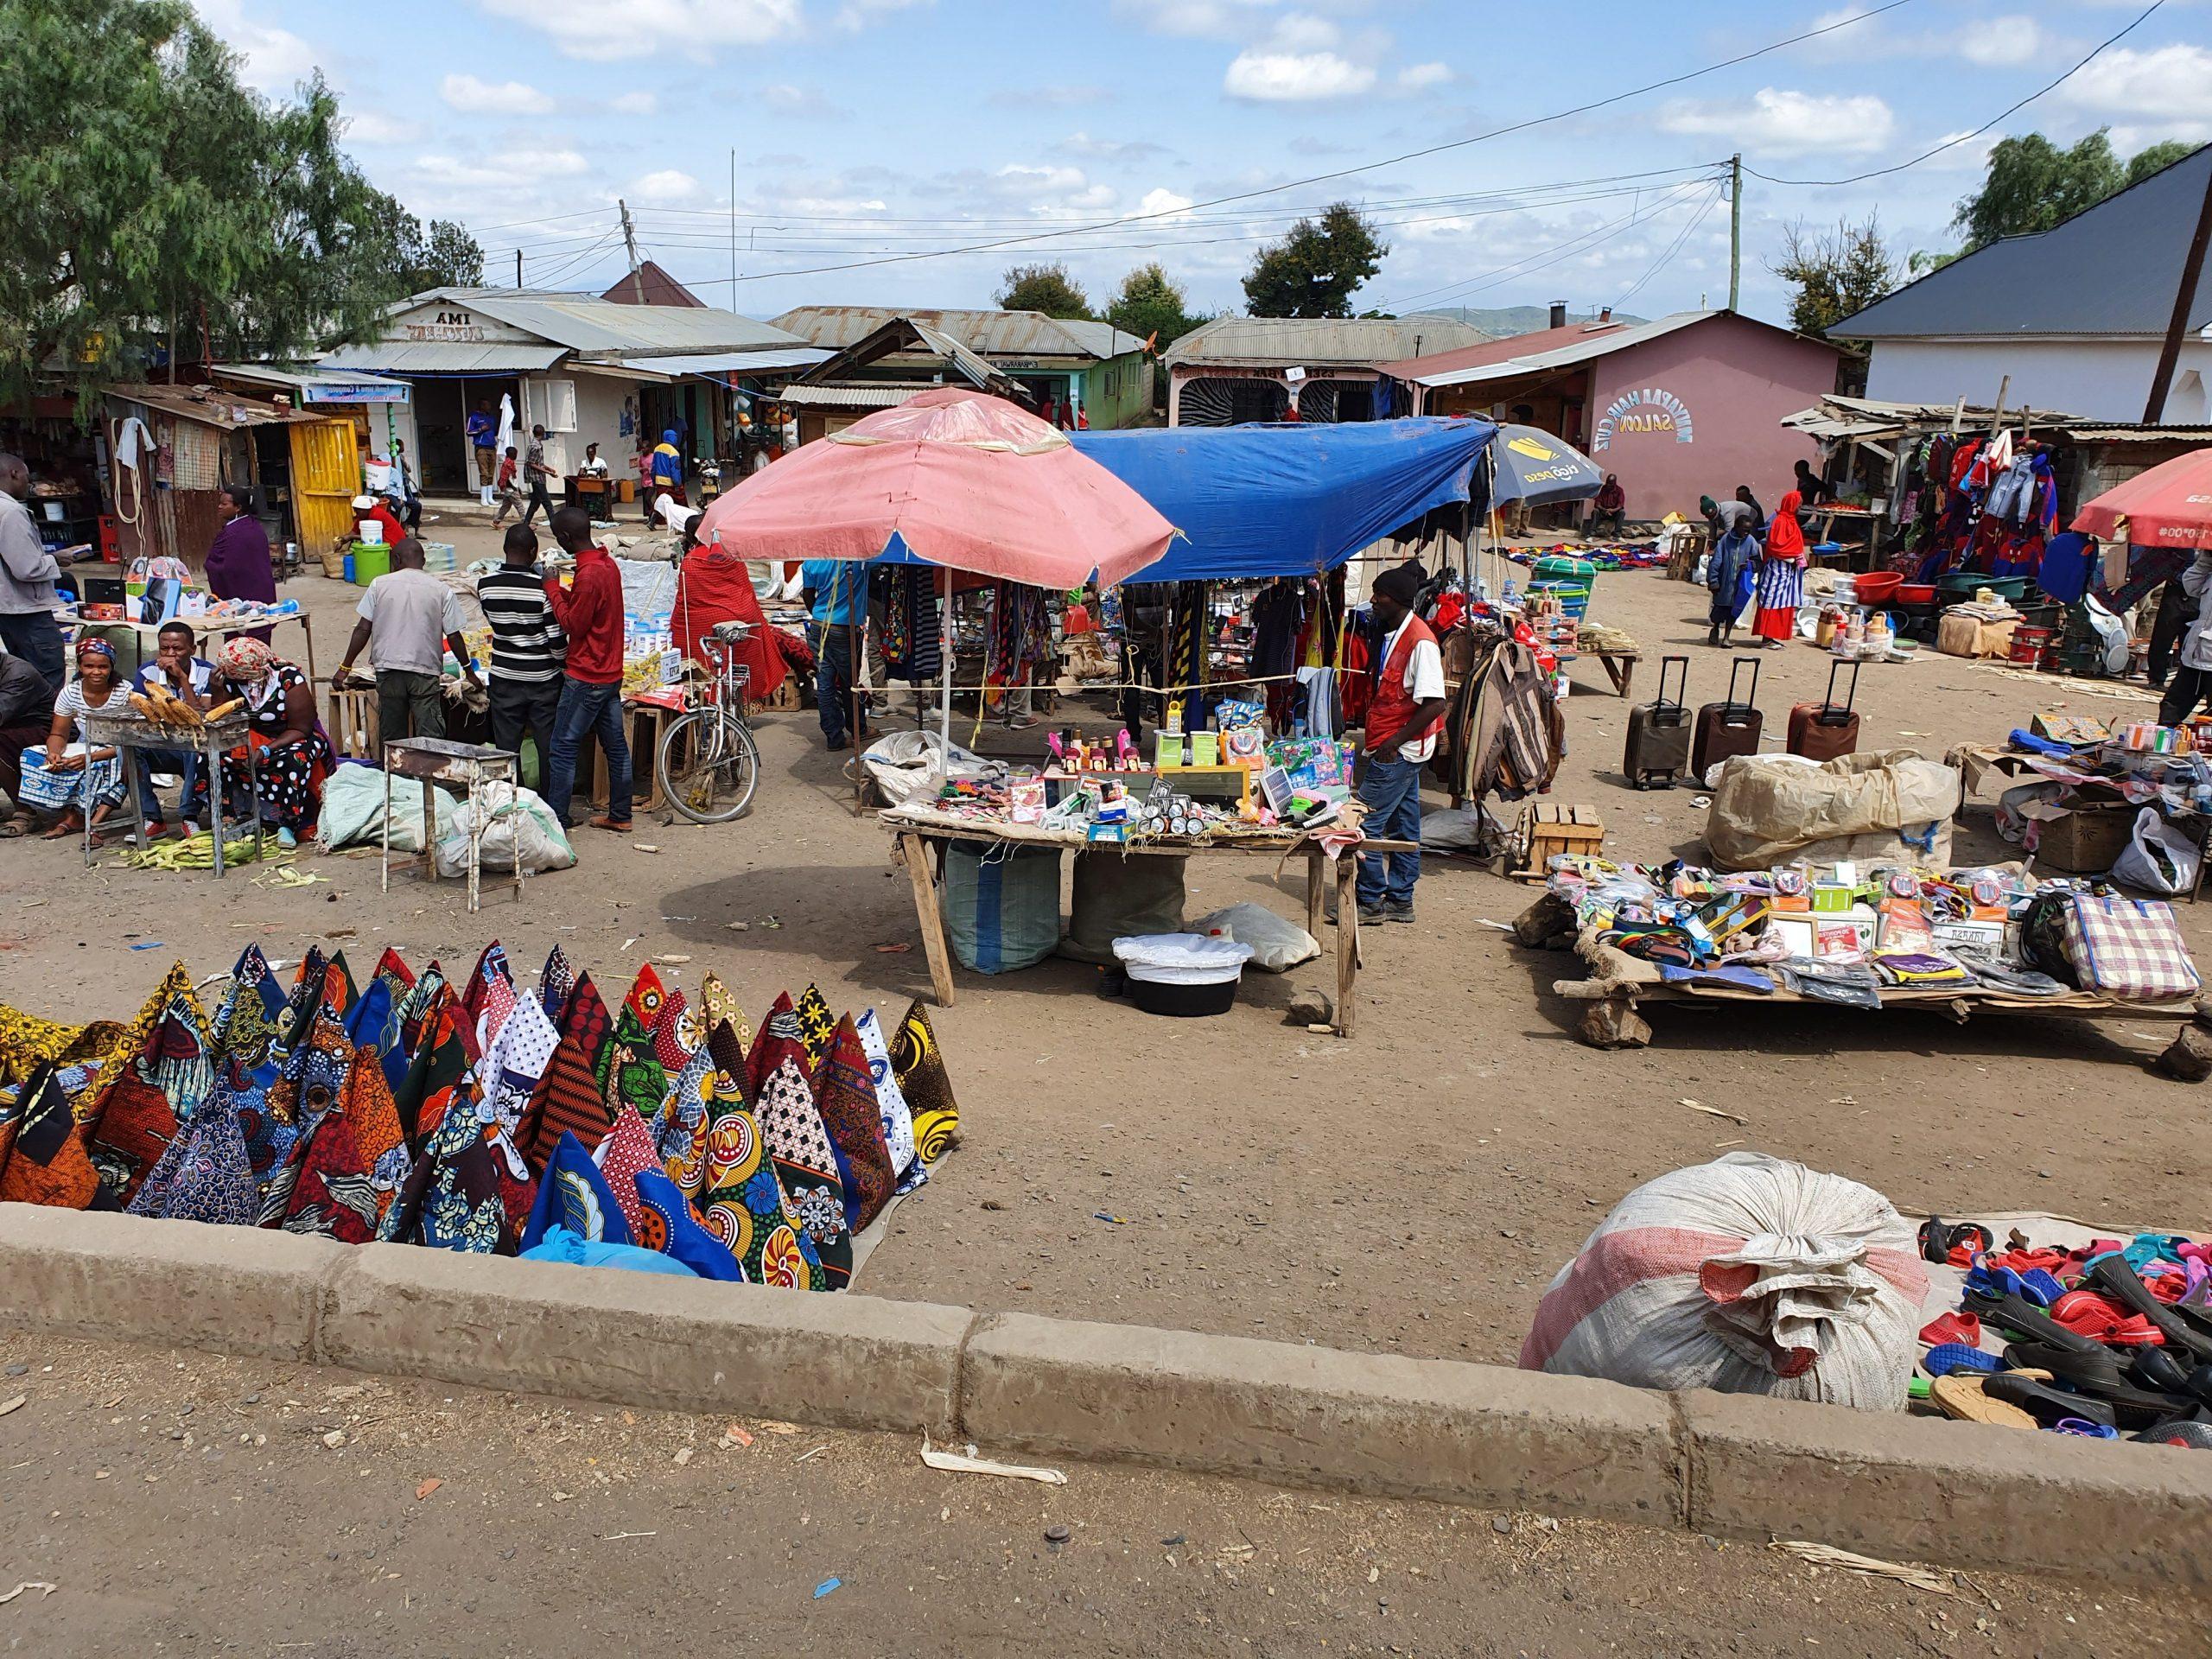 שוק מקומי באפריקה